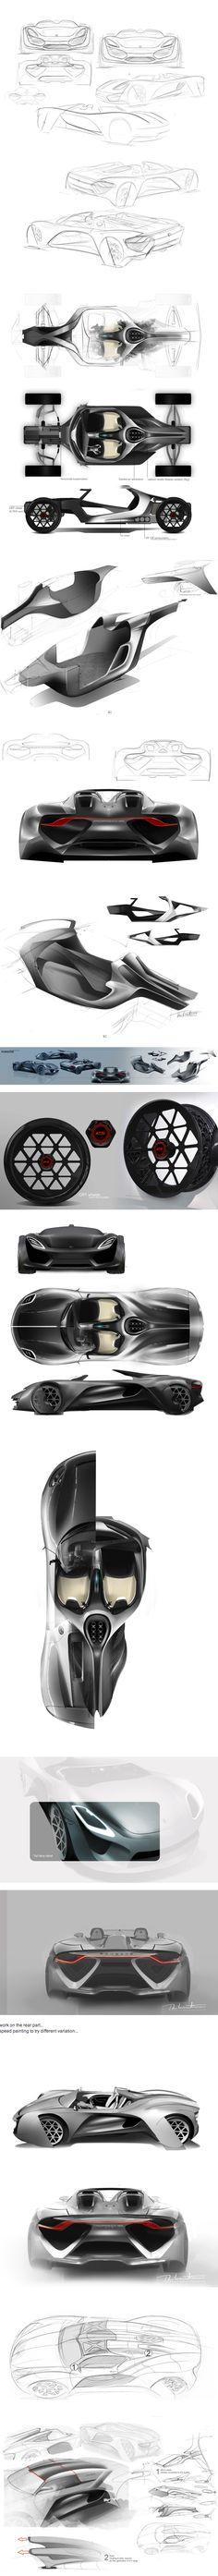 Porsche 919 project on Behance